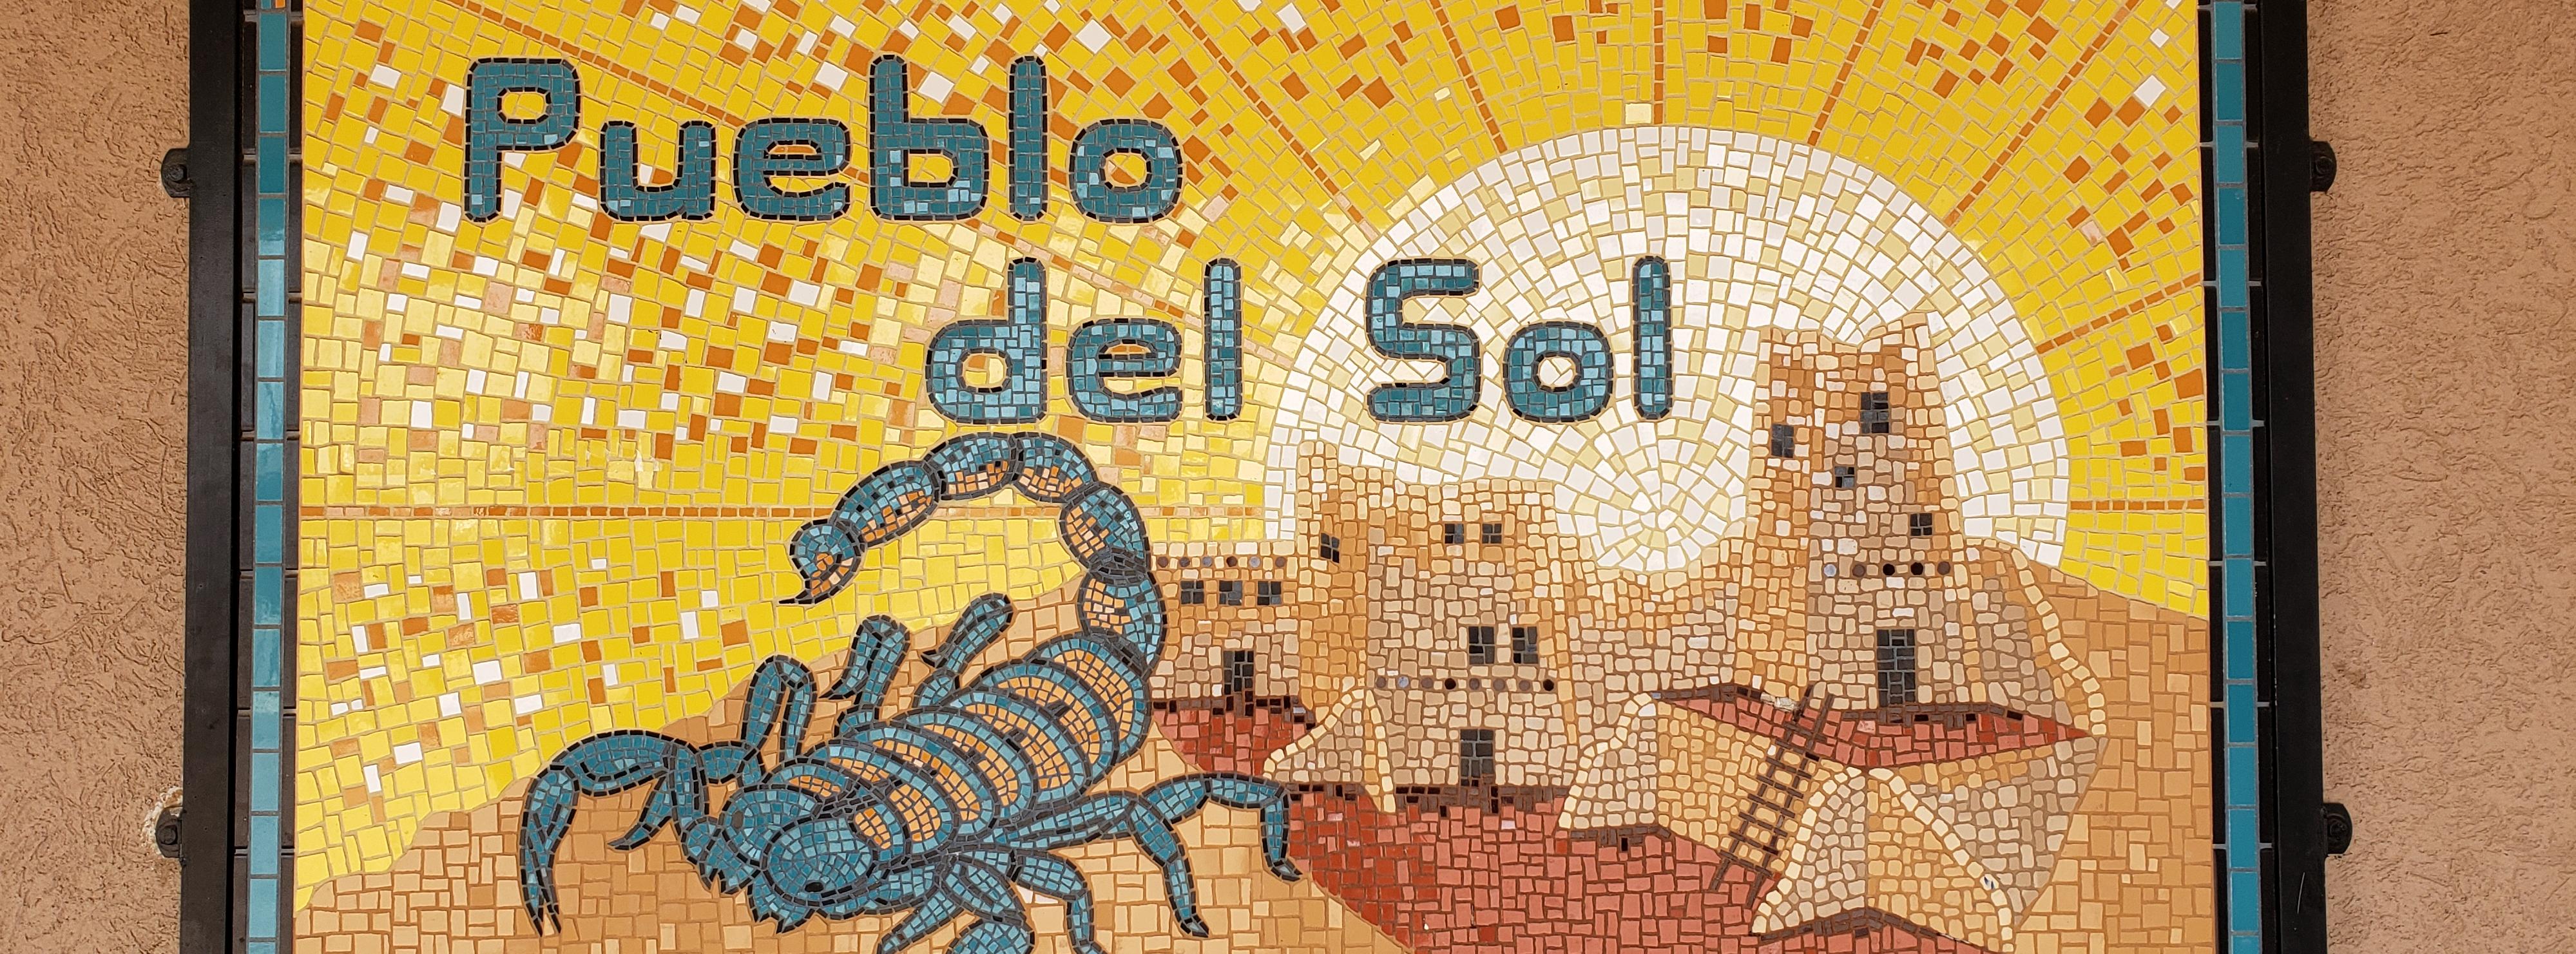 Pueblo del Sol mosaic sign